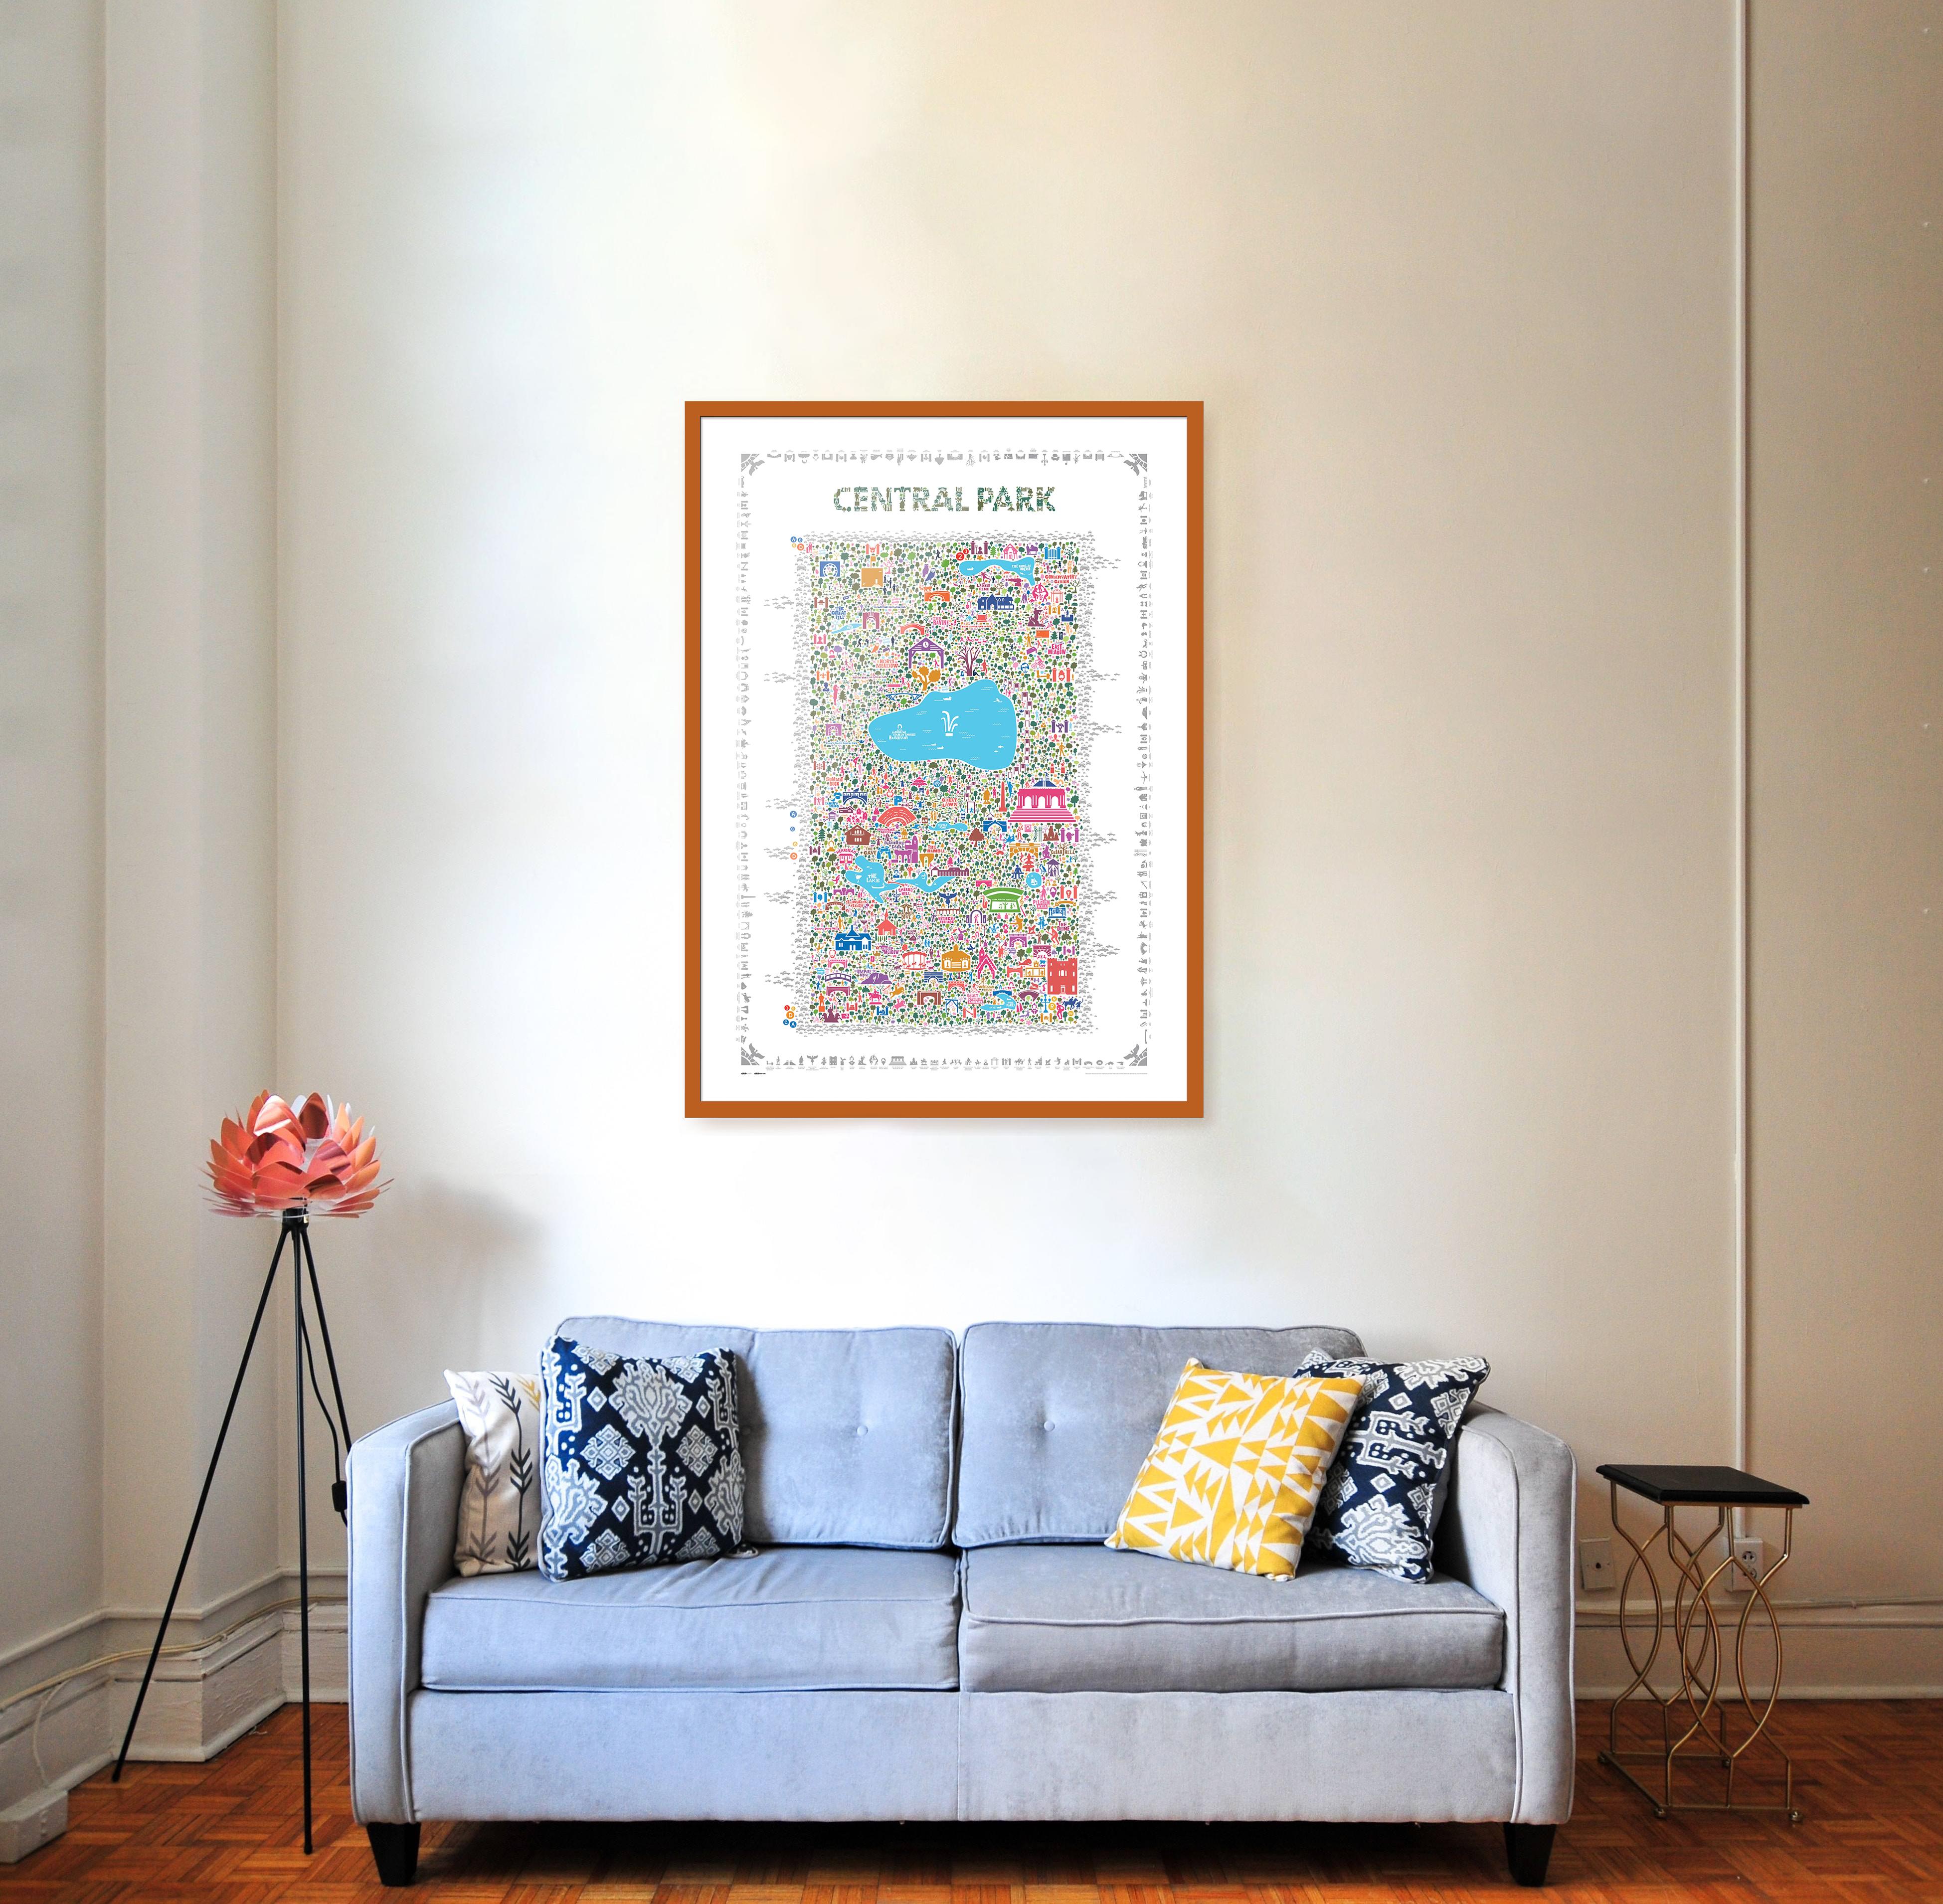 Living_room_blue_sofa